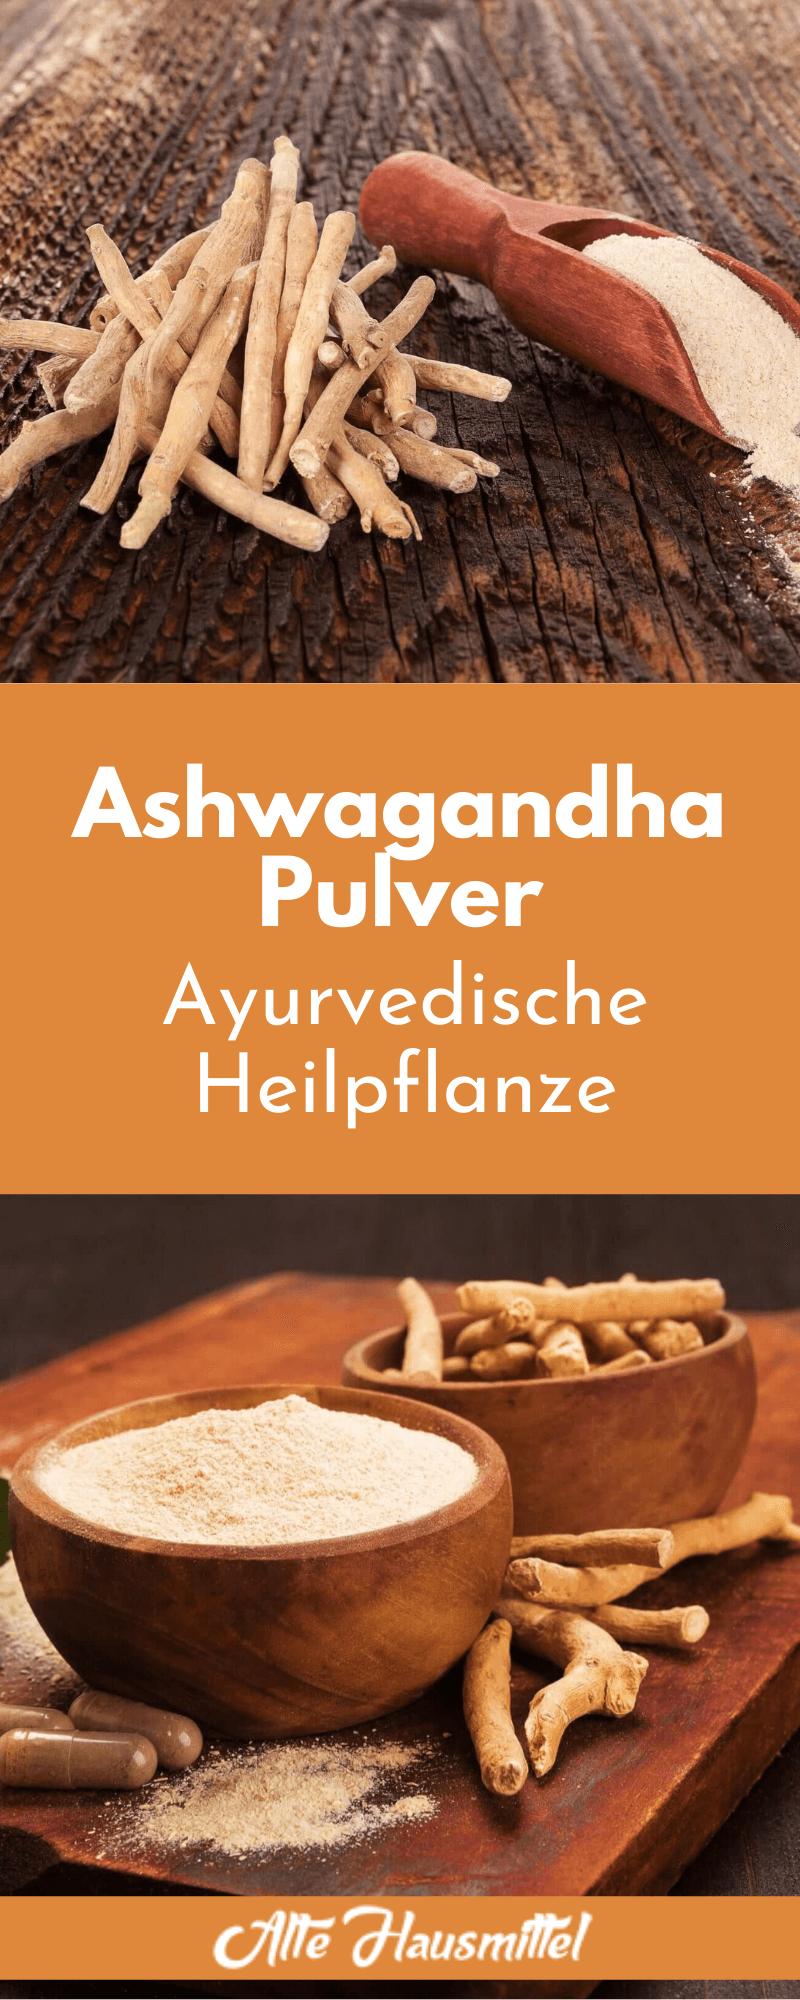 Ashwagandha Pulver - Ayurvedische Heilpflanze